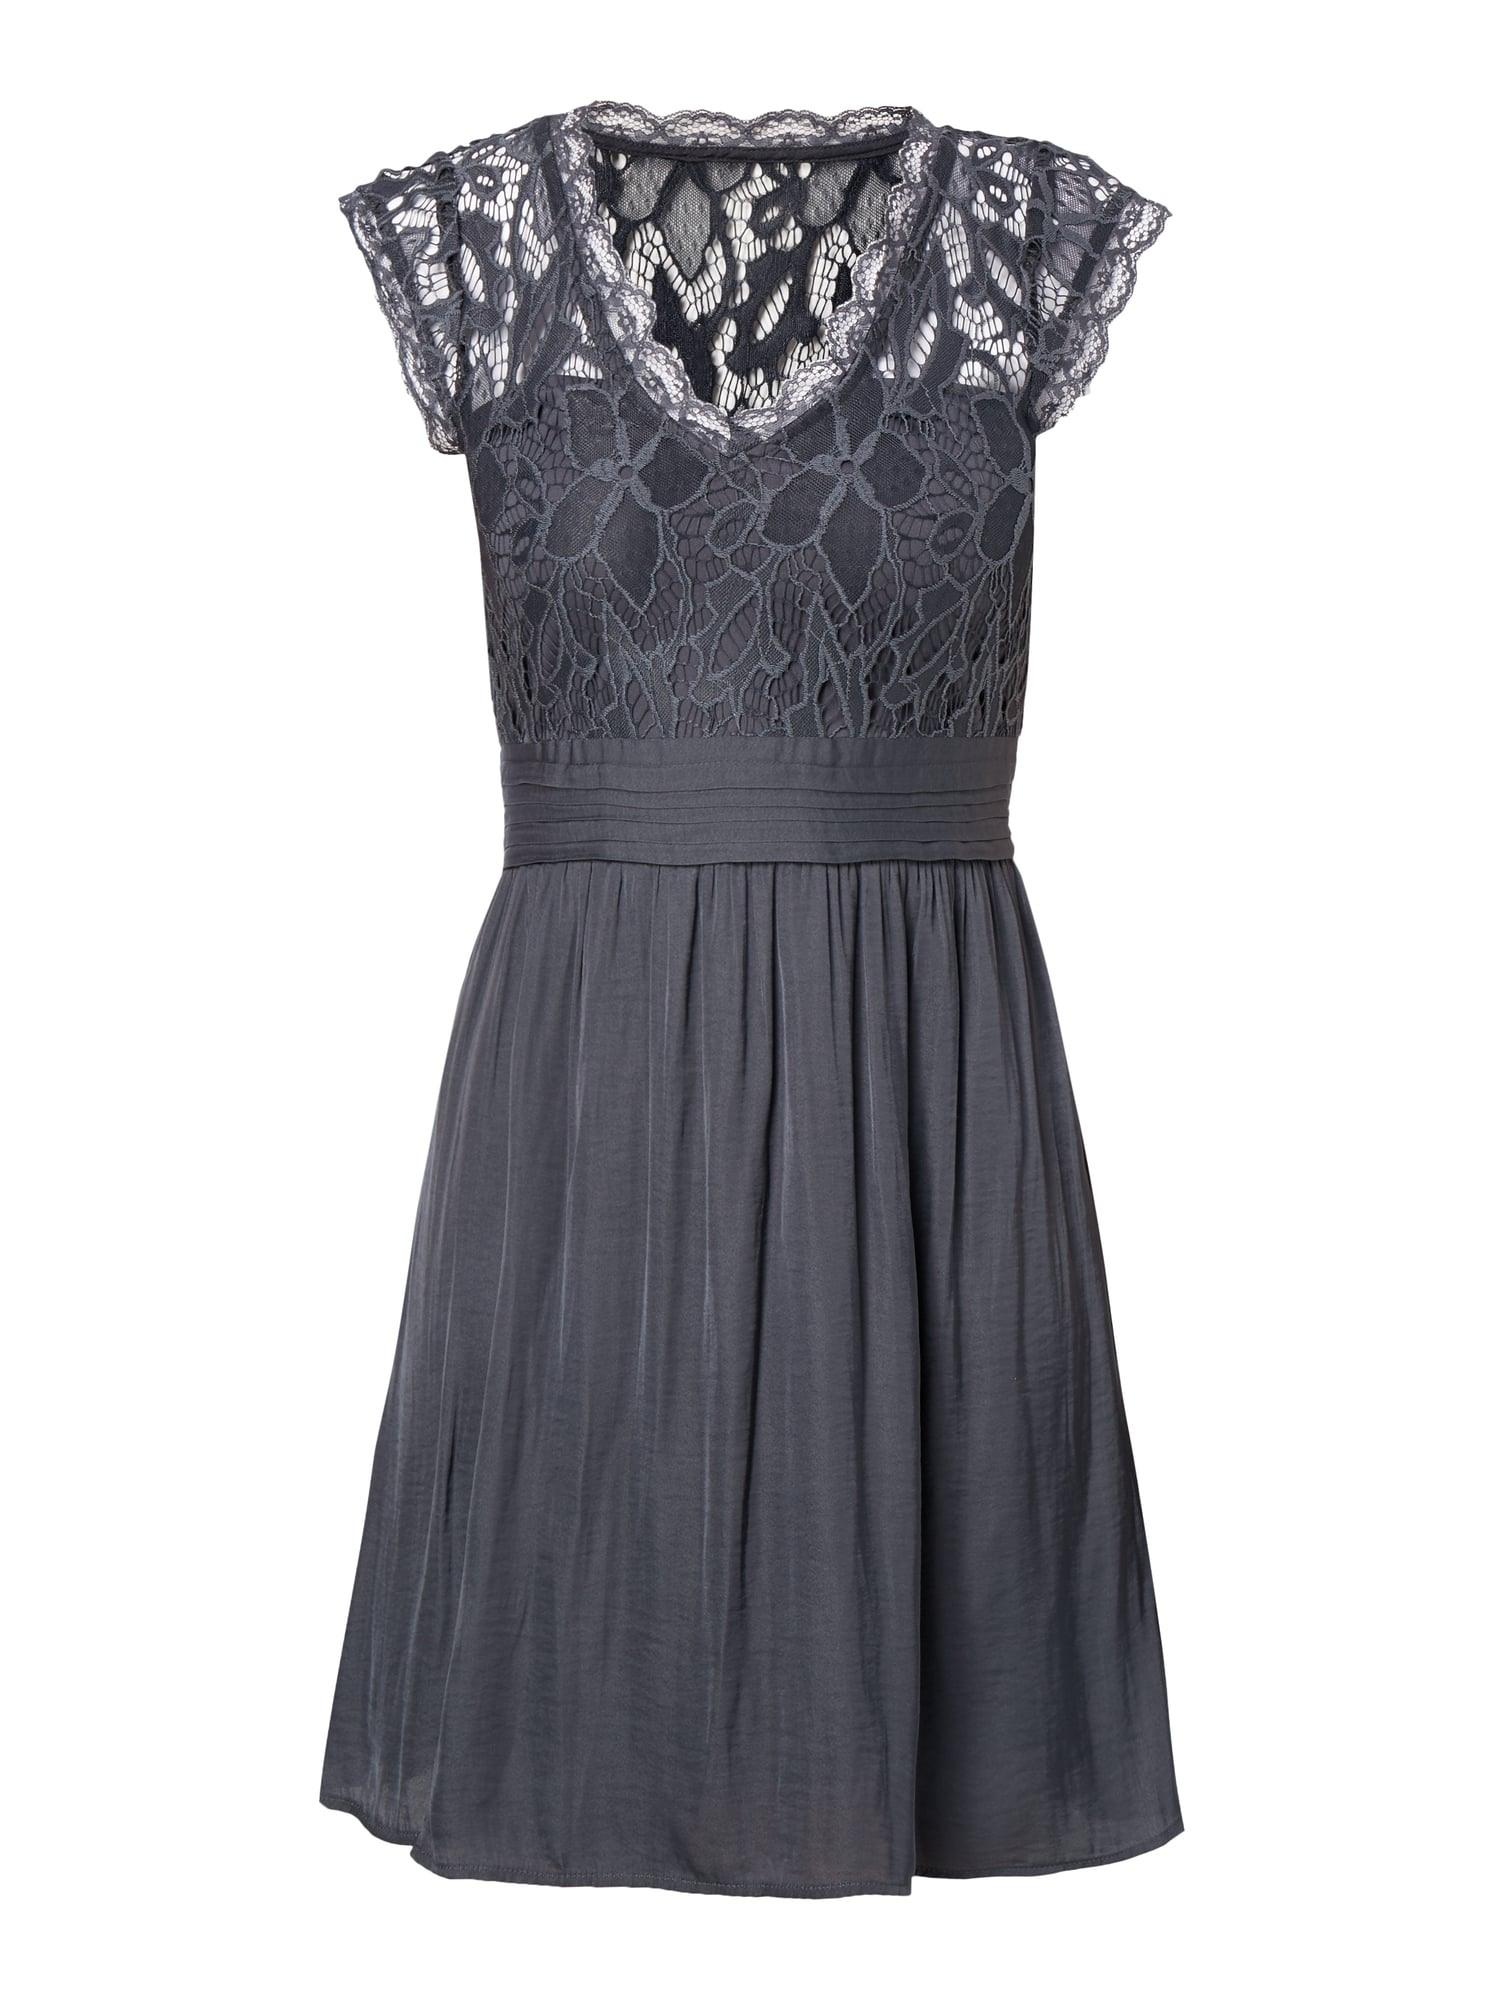 10 Einzigartig Kleid Blau Mit Spitze Design Schön Kleid Blau Mit Spitze für 2019